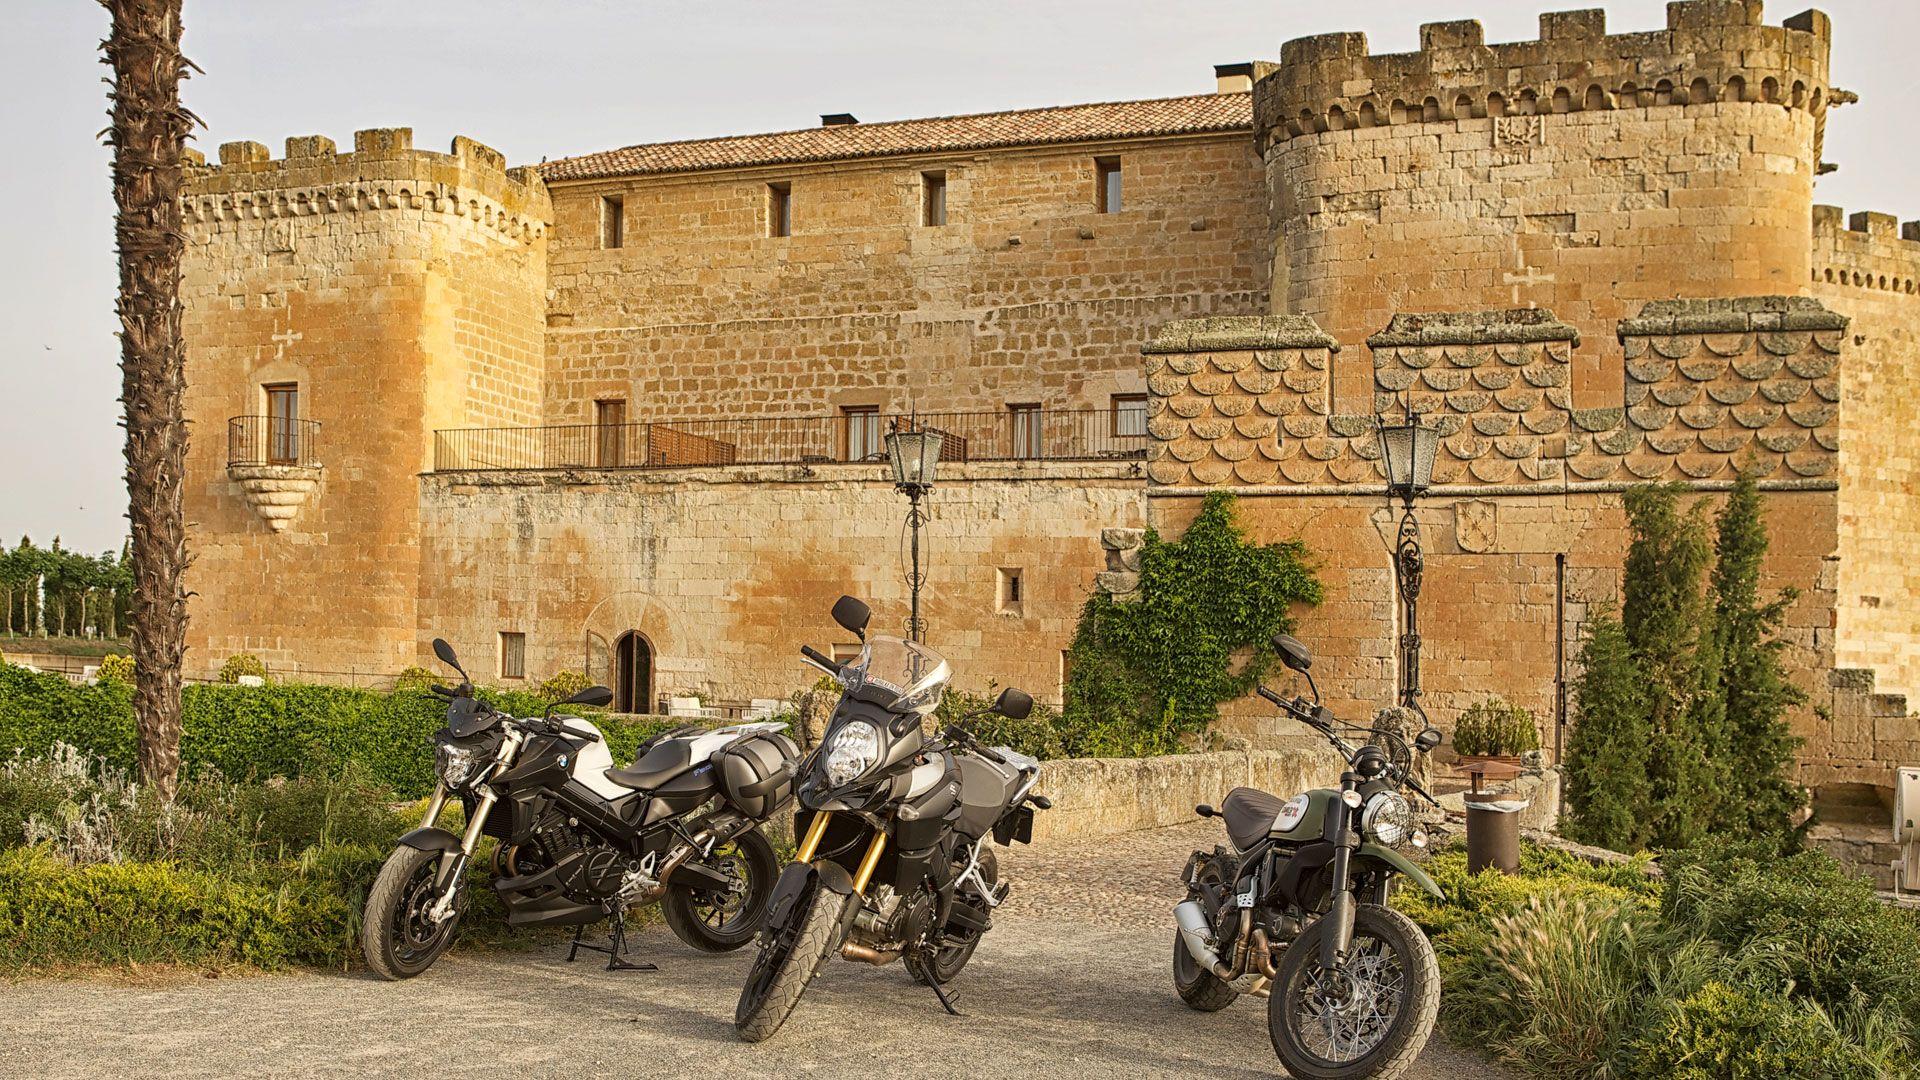 Castillo del Buen Amor, Salamanca